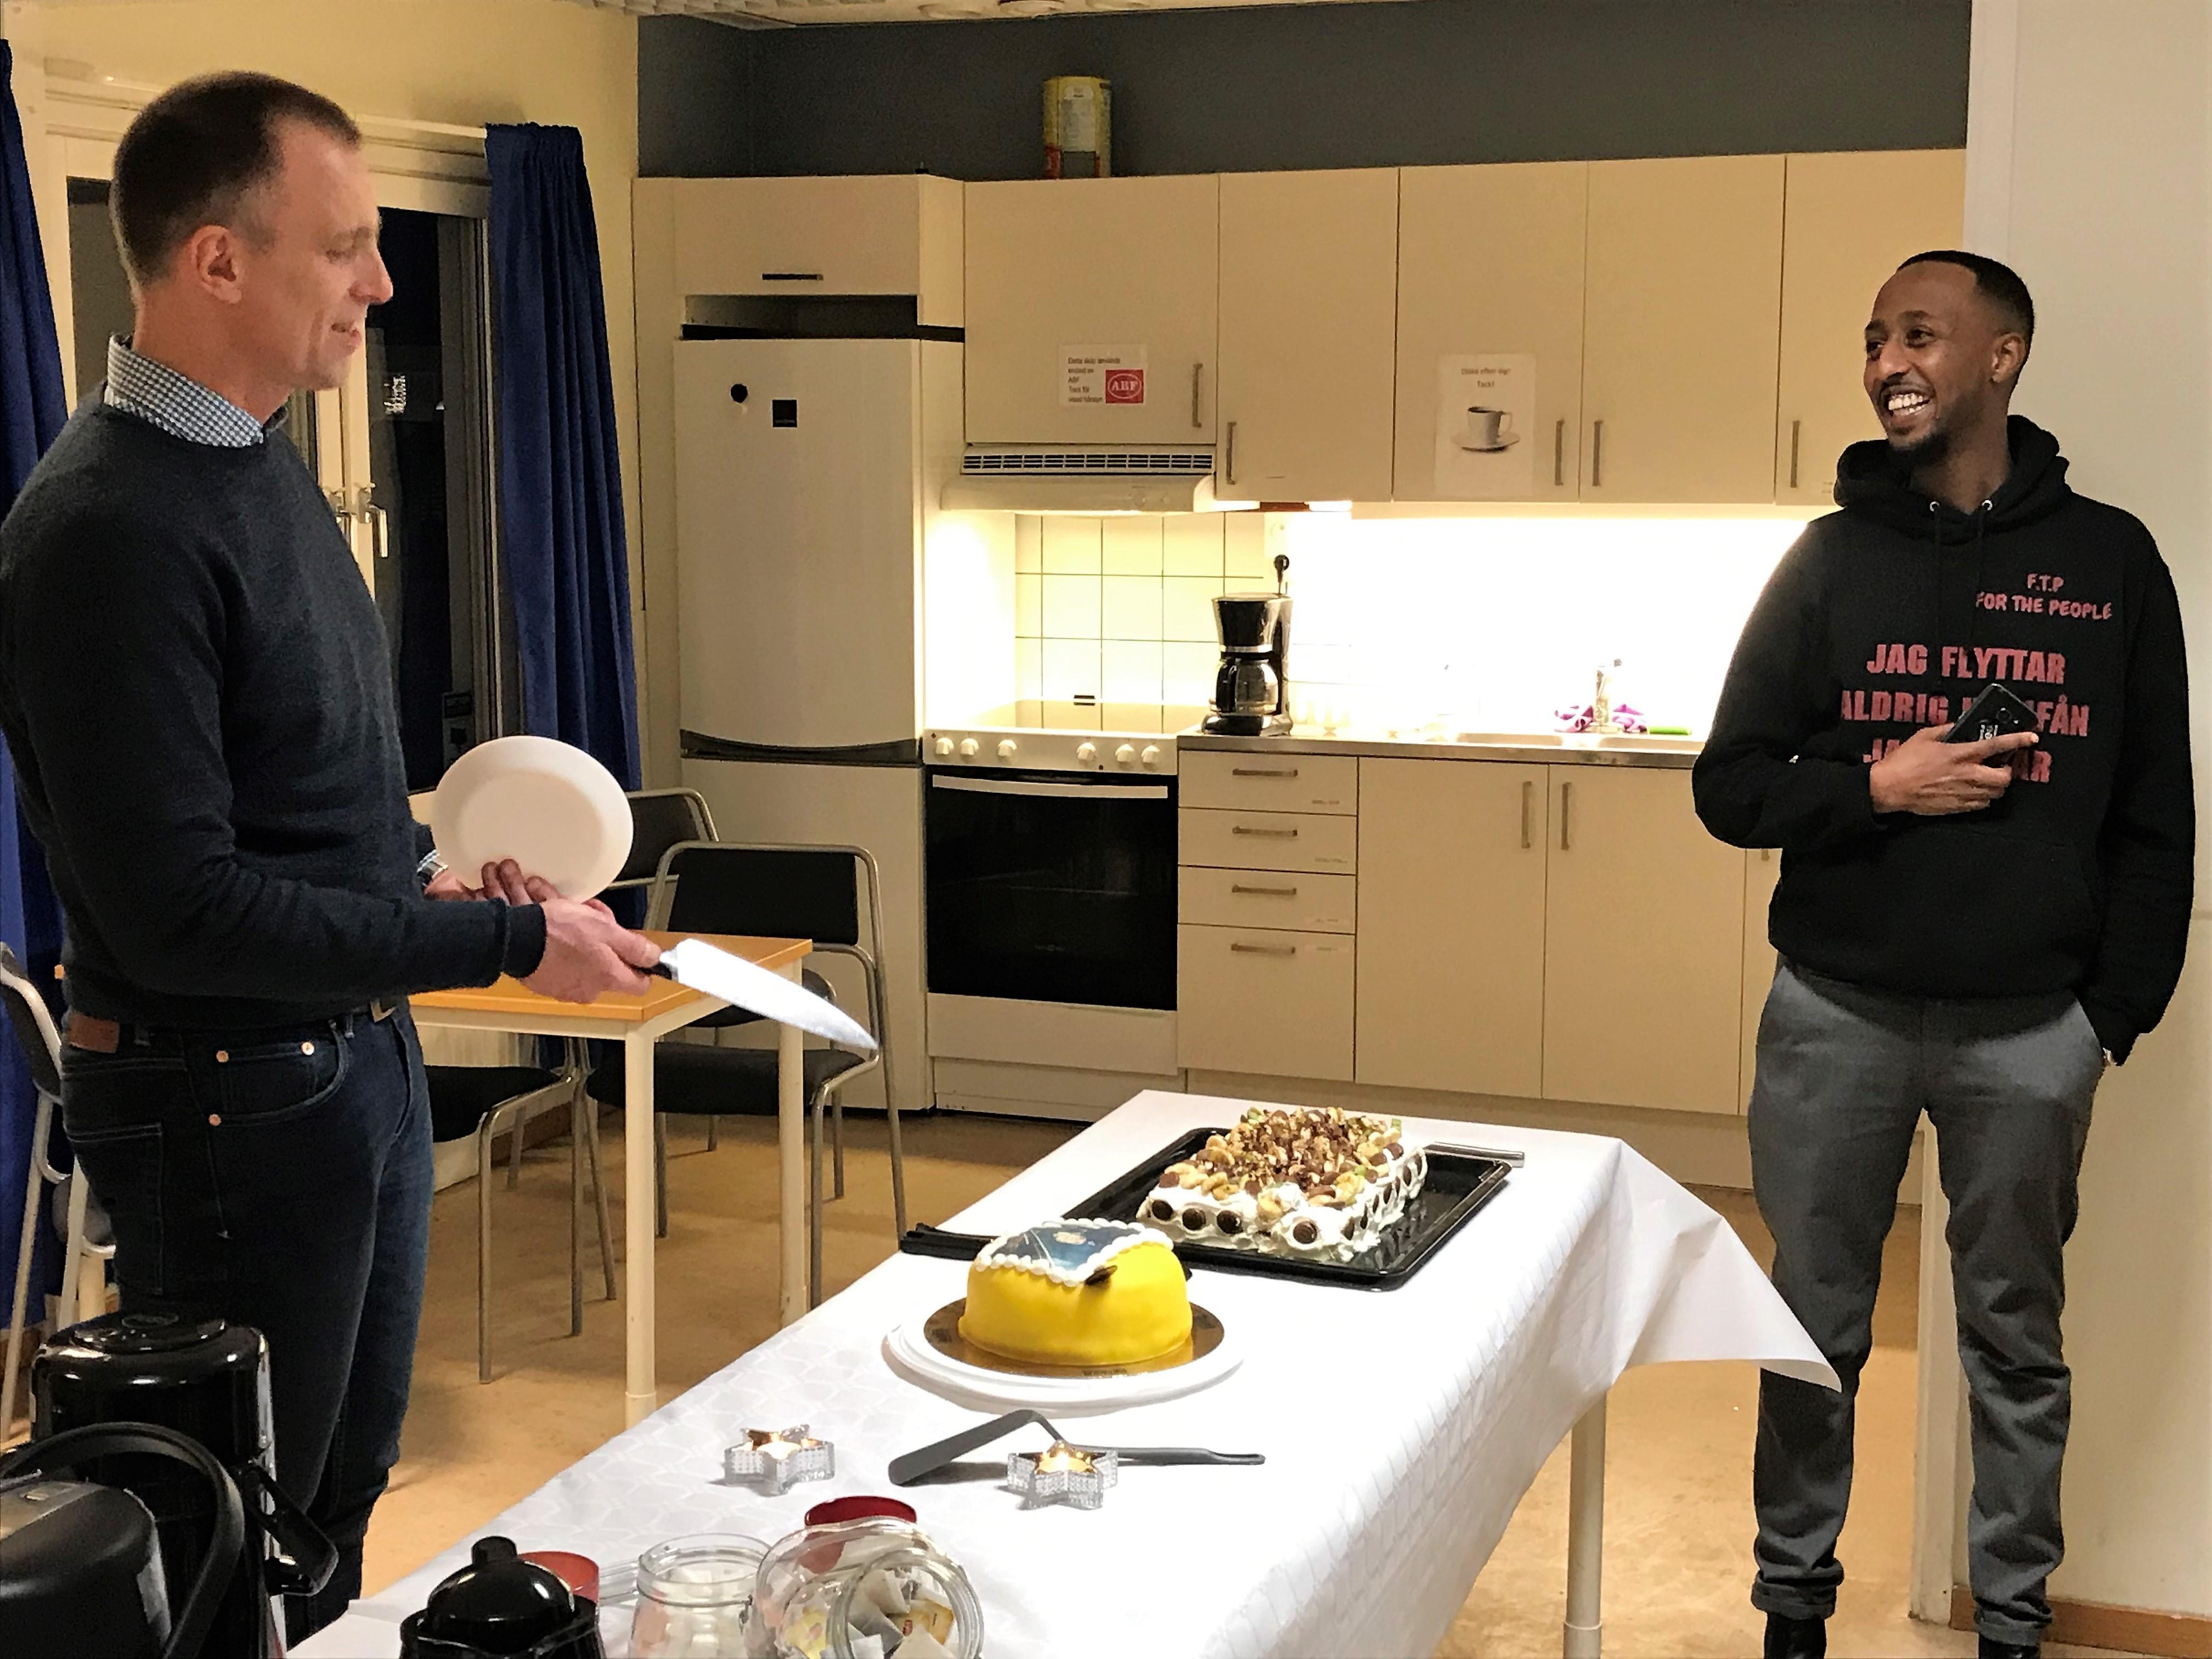 Fredrik Malm har plockat fram kniven för att hugga in på tårtan där han själv är avbildad. Till höger Khalid Mohammed, ordförande i For the people och Folkets hus i Vivalla.